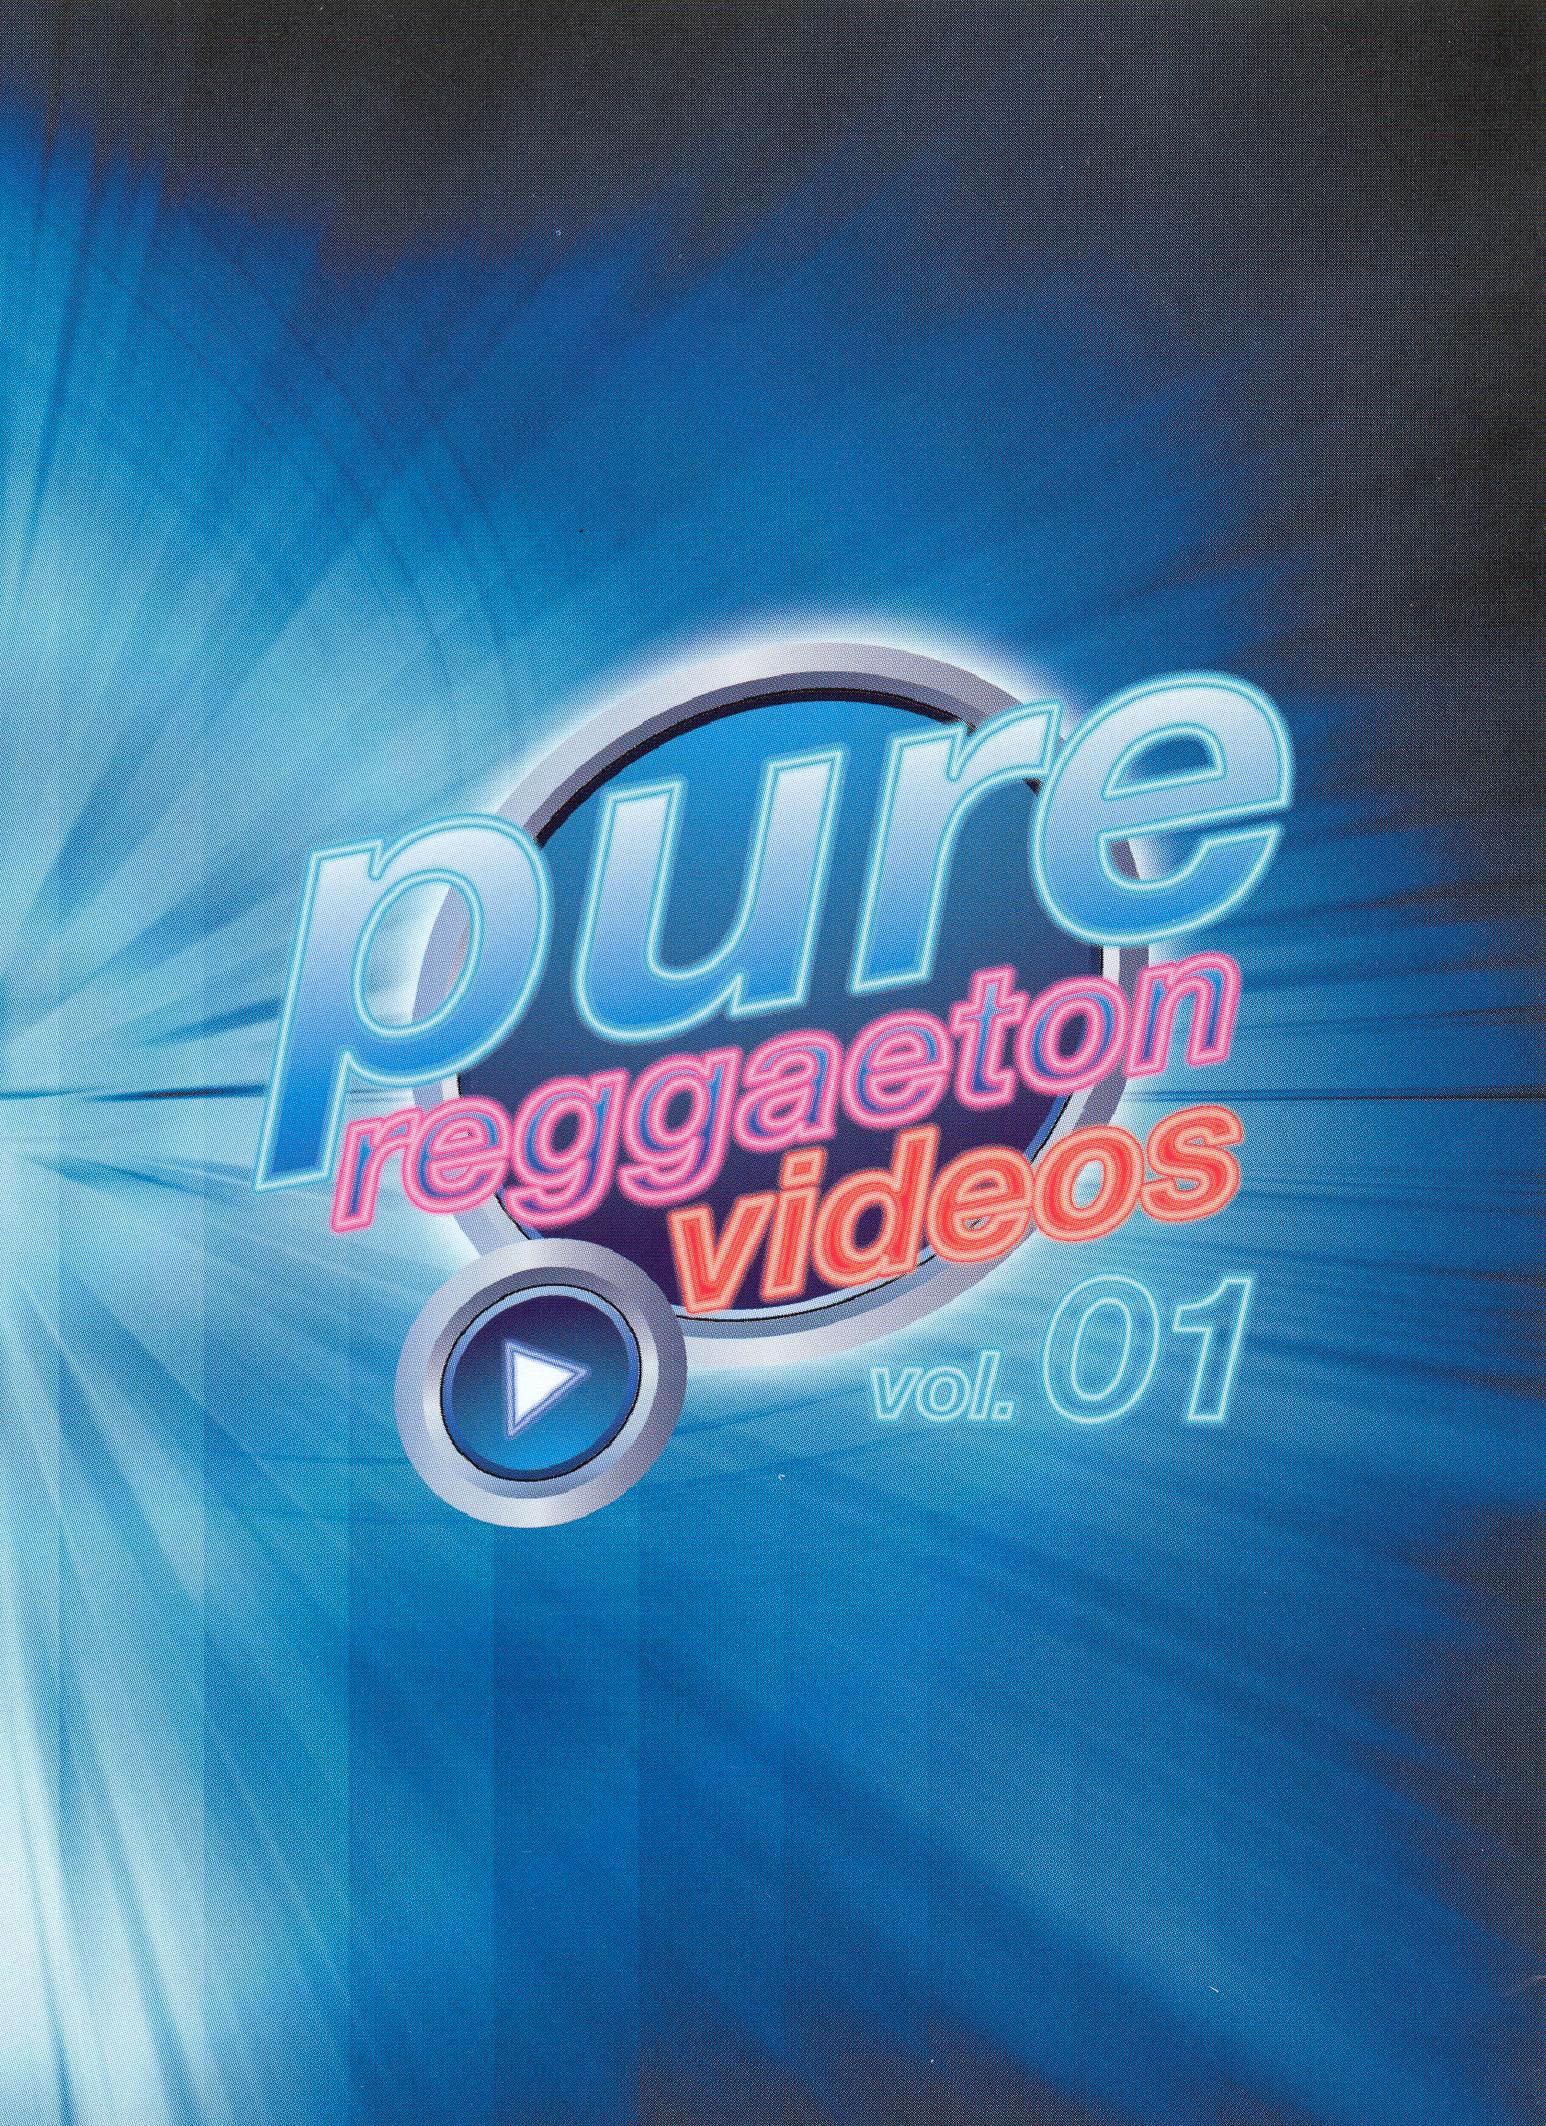 Pure Reggaeton Videos. Vol. 01